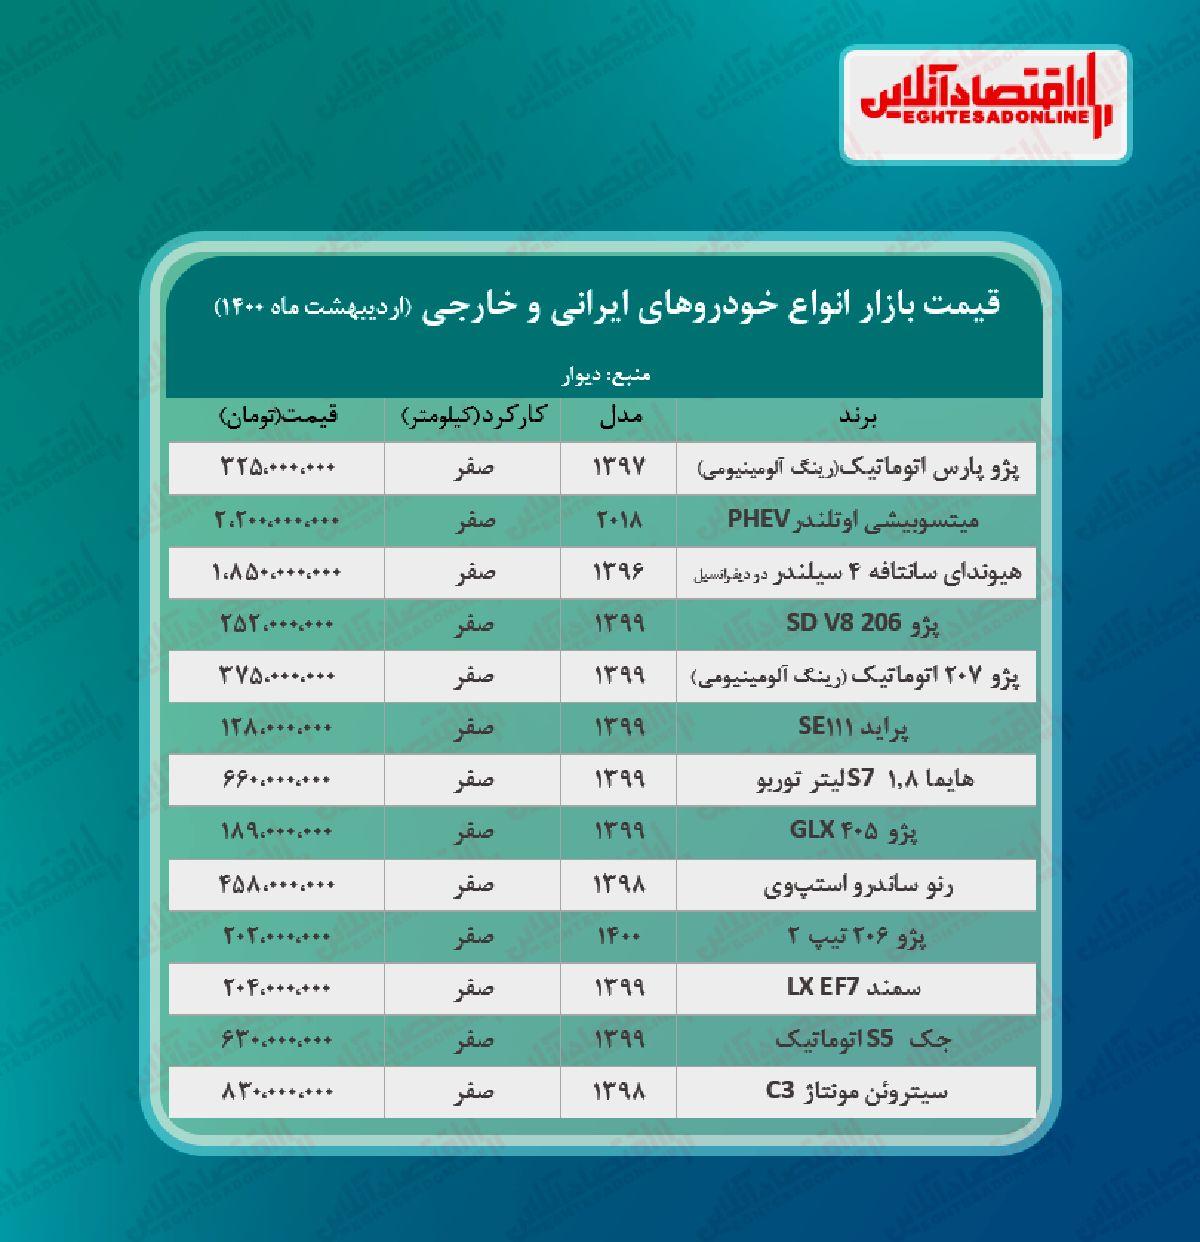 قیمت خودرو امروز ۱۴۰۰/۲/۲۹